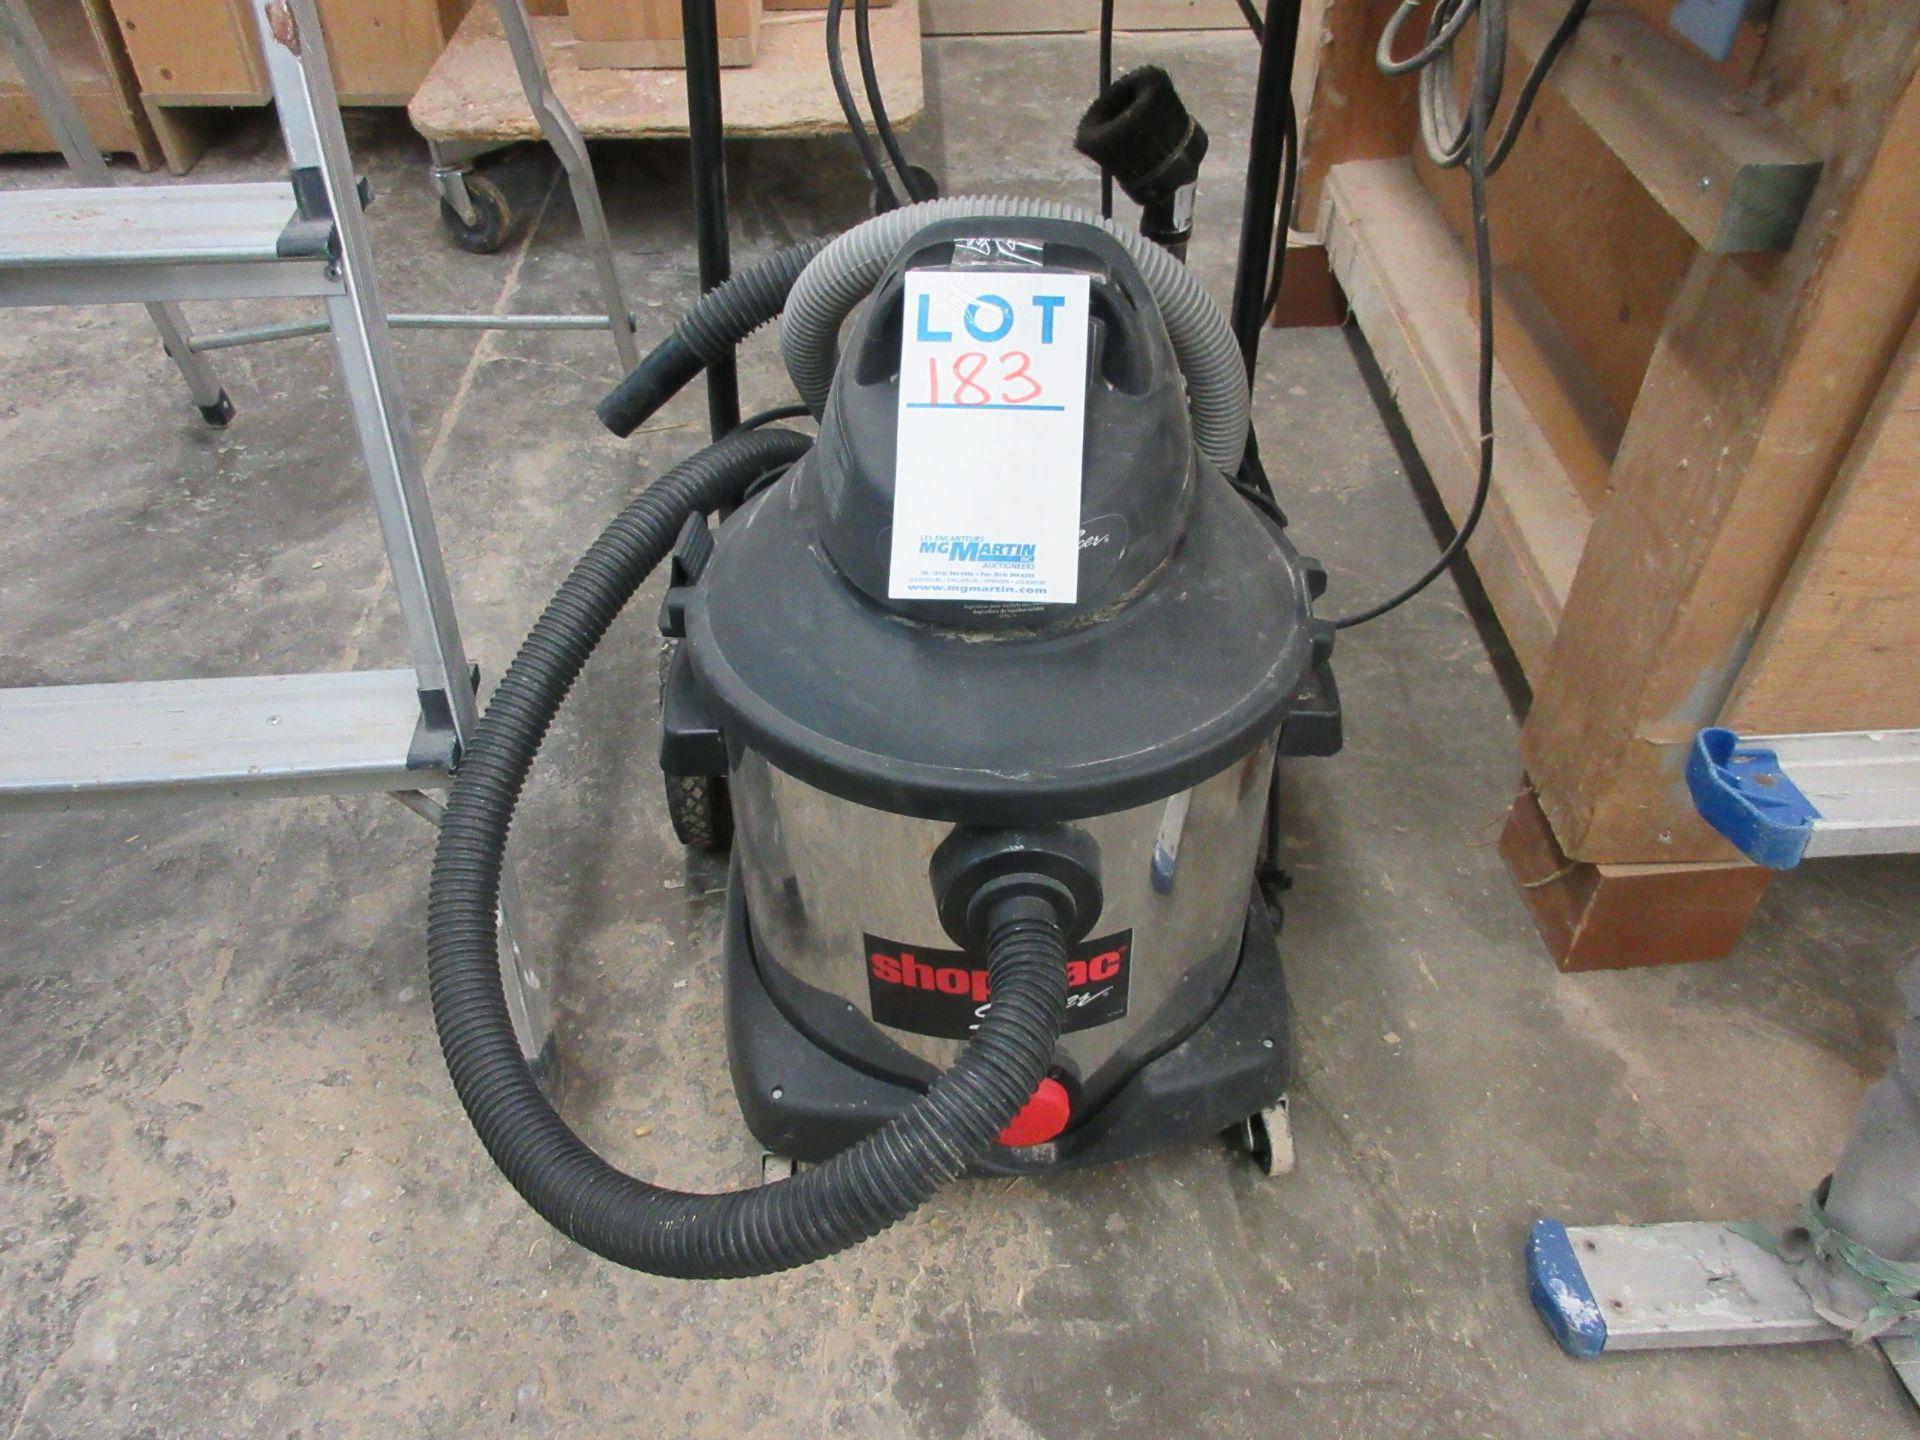 Lot 183 - SHOP VAC (8 us gallon) vacuum